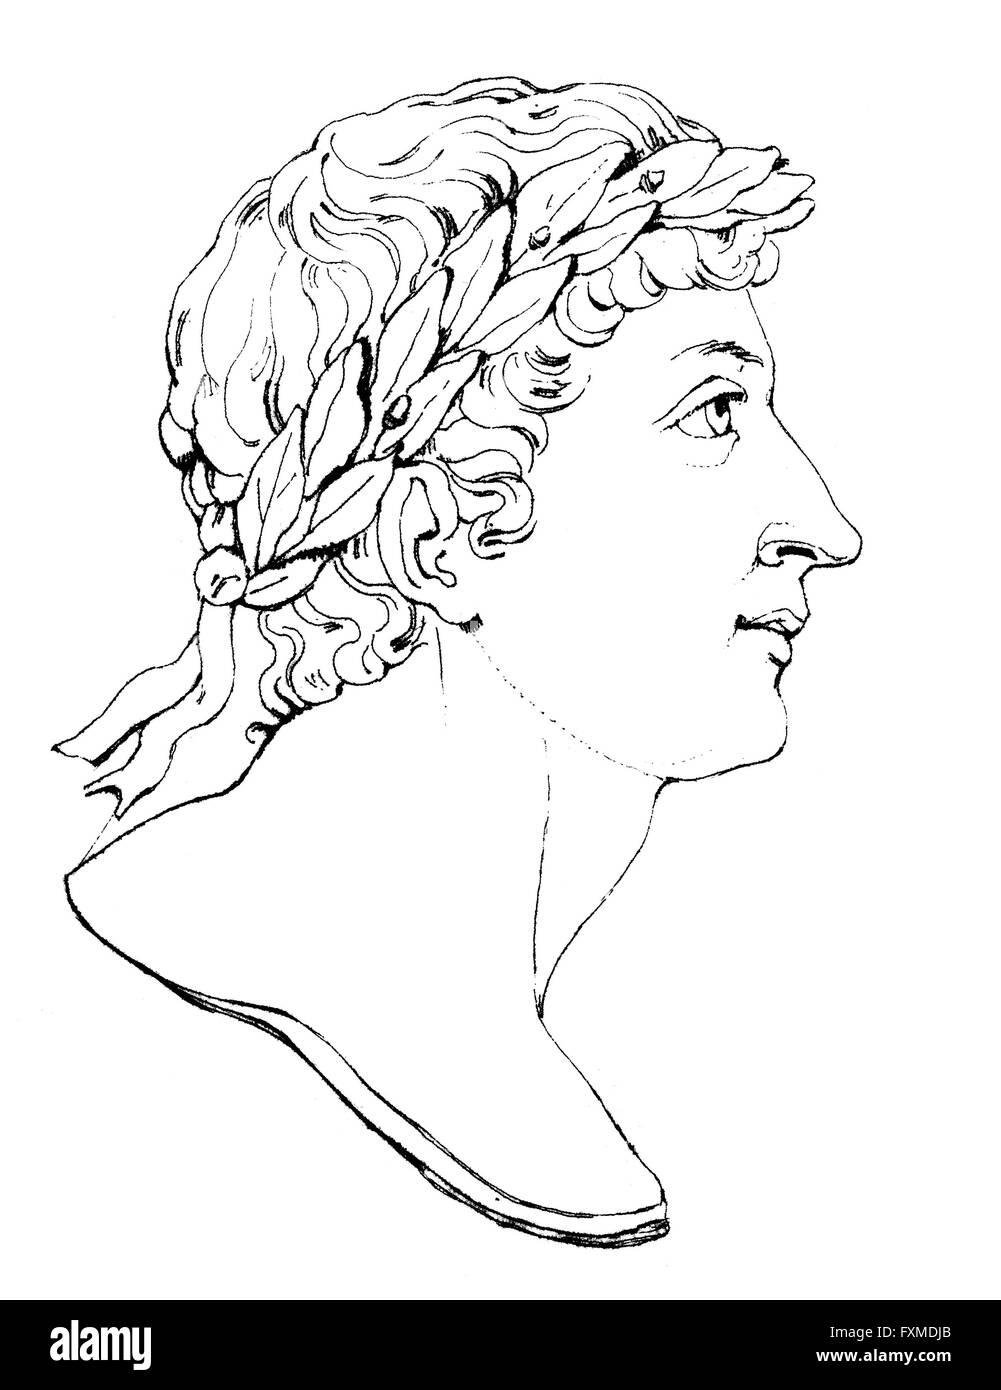 Publius Ovidius Naso ou Ovide, 43 BC - 17, un poète romain, Publius Ovidius Naso oder Ovide, 43 C. Chr. - 17 n. Chr., ein römischer D Banque D'Images